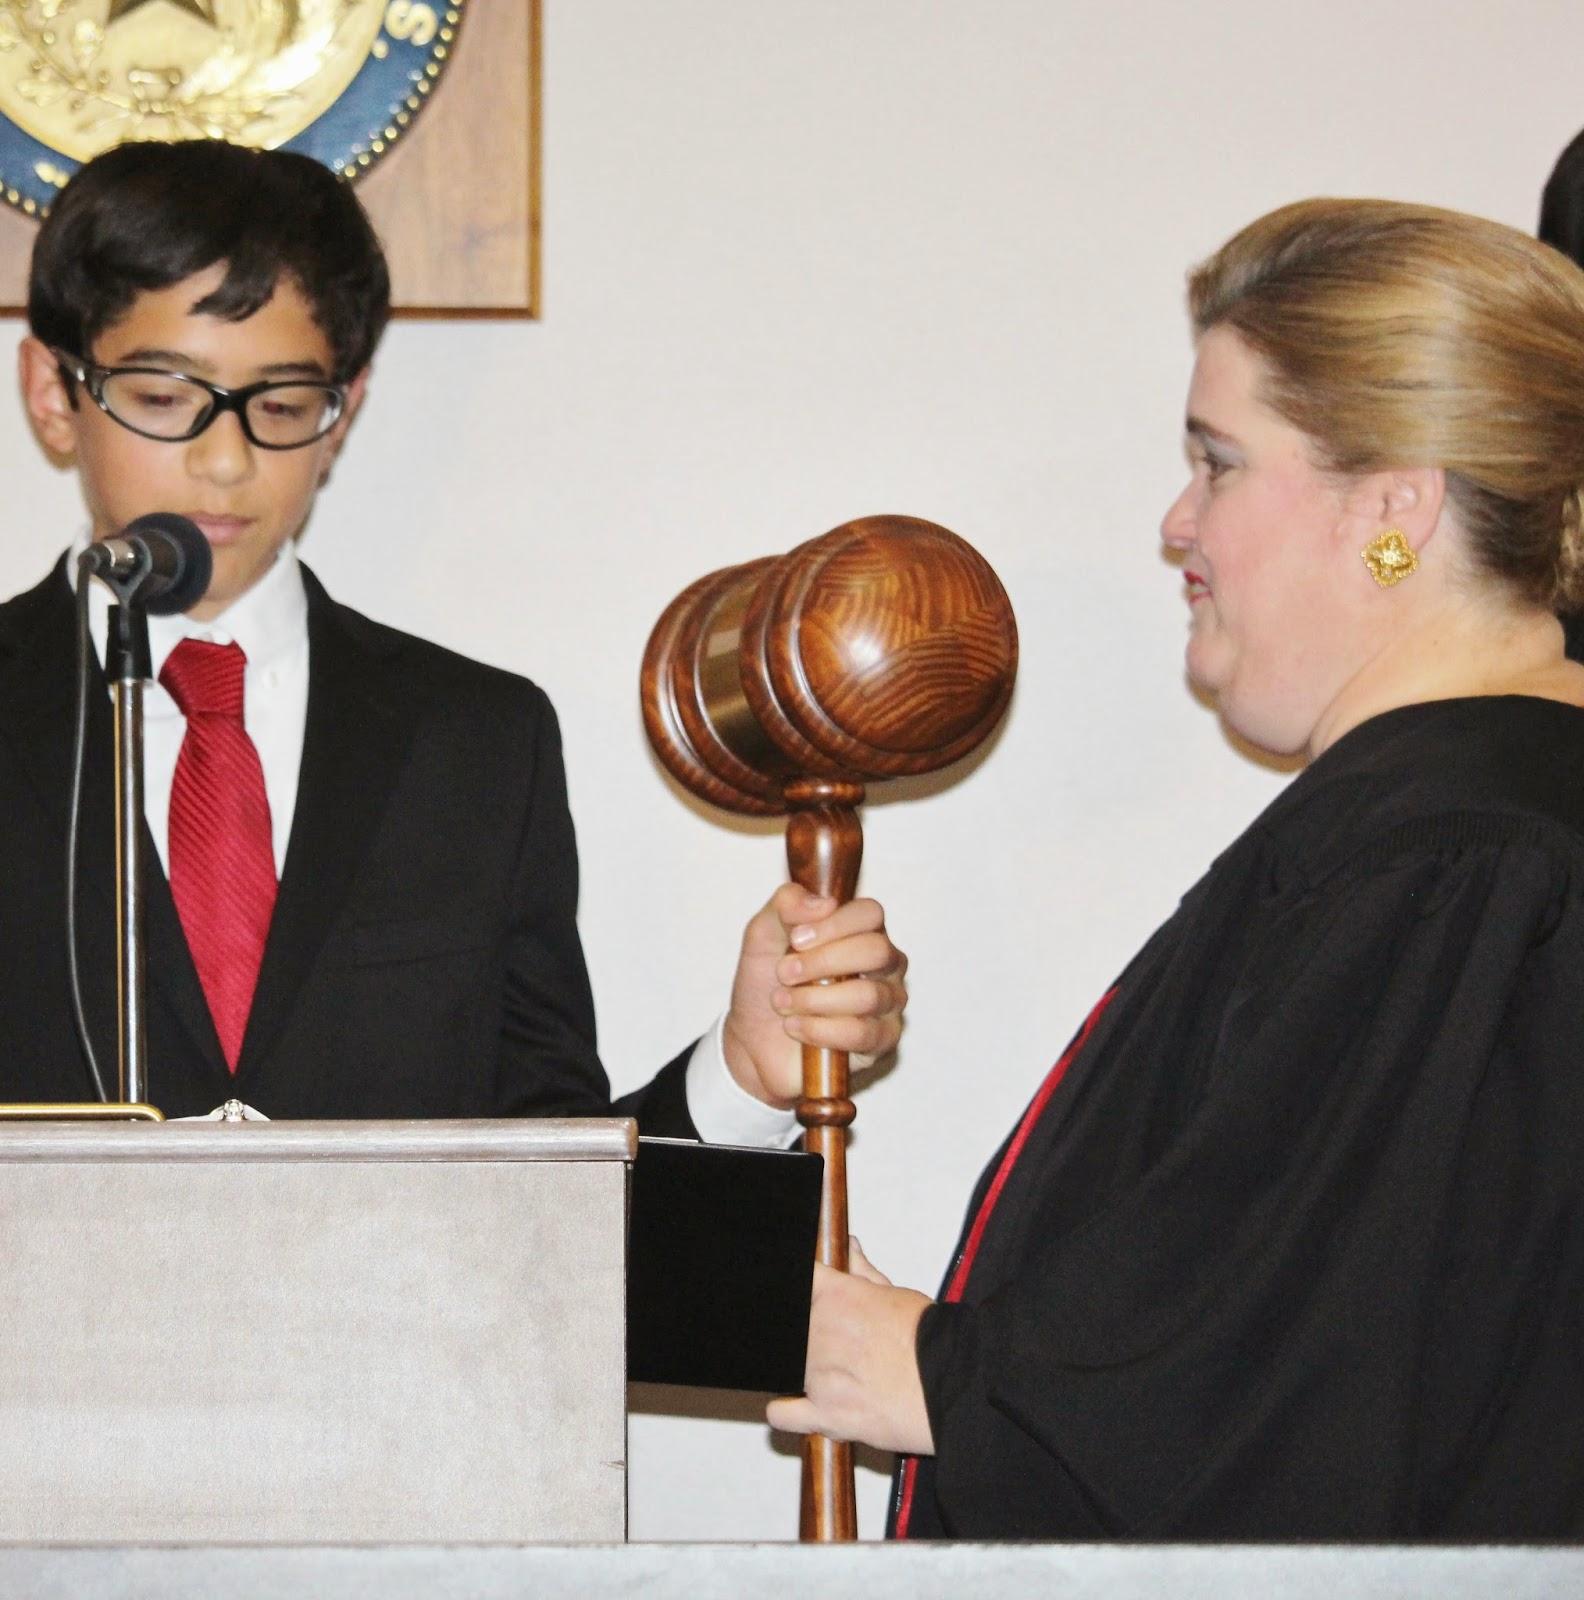 Judge karen